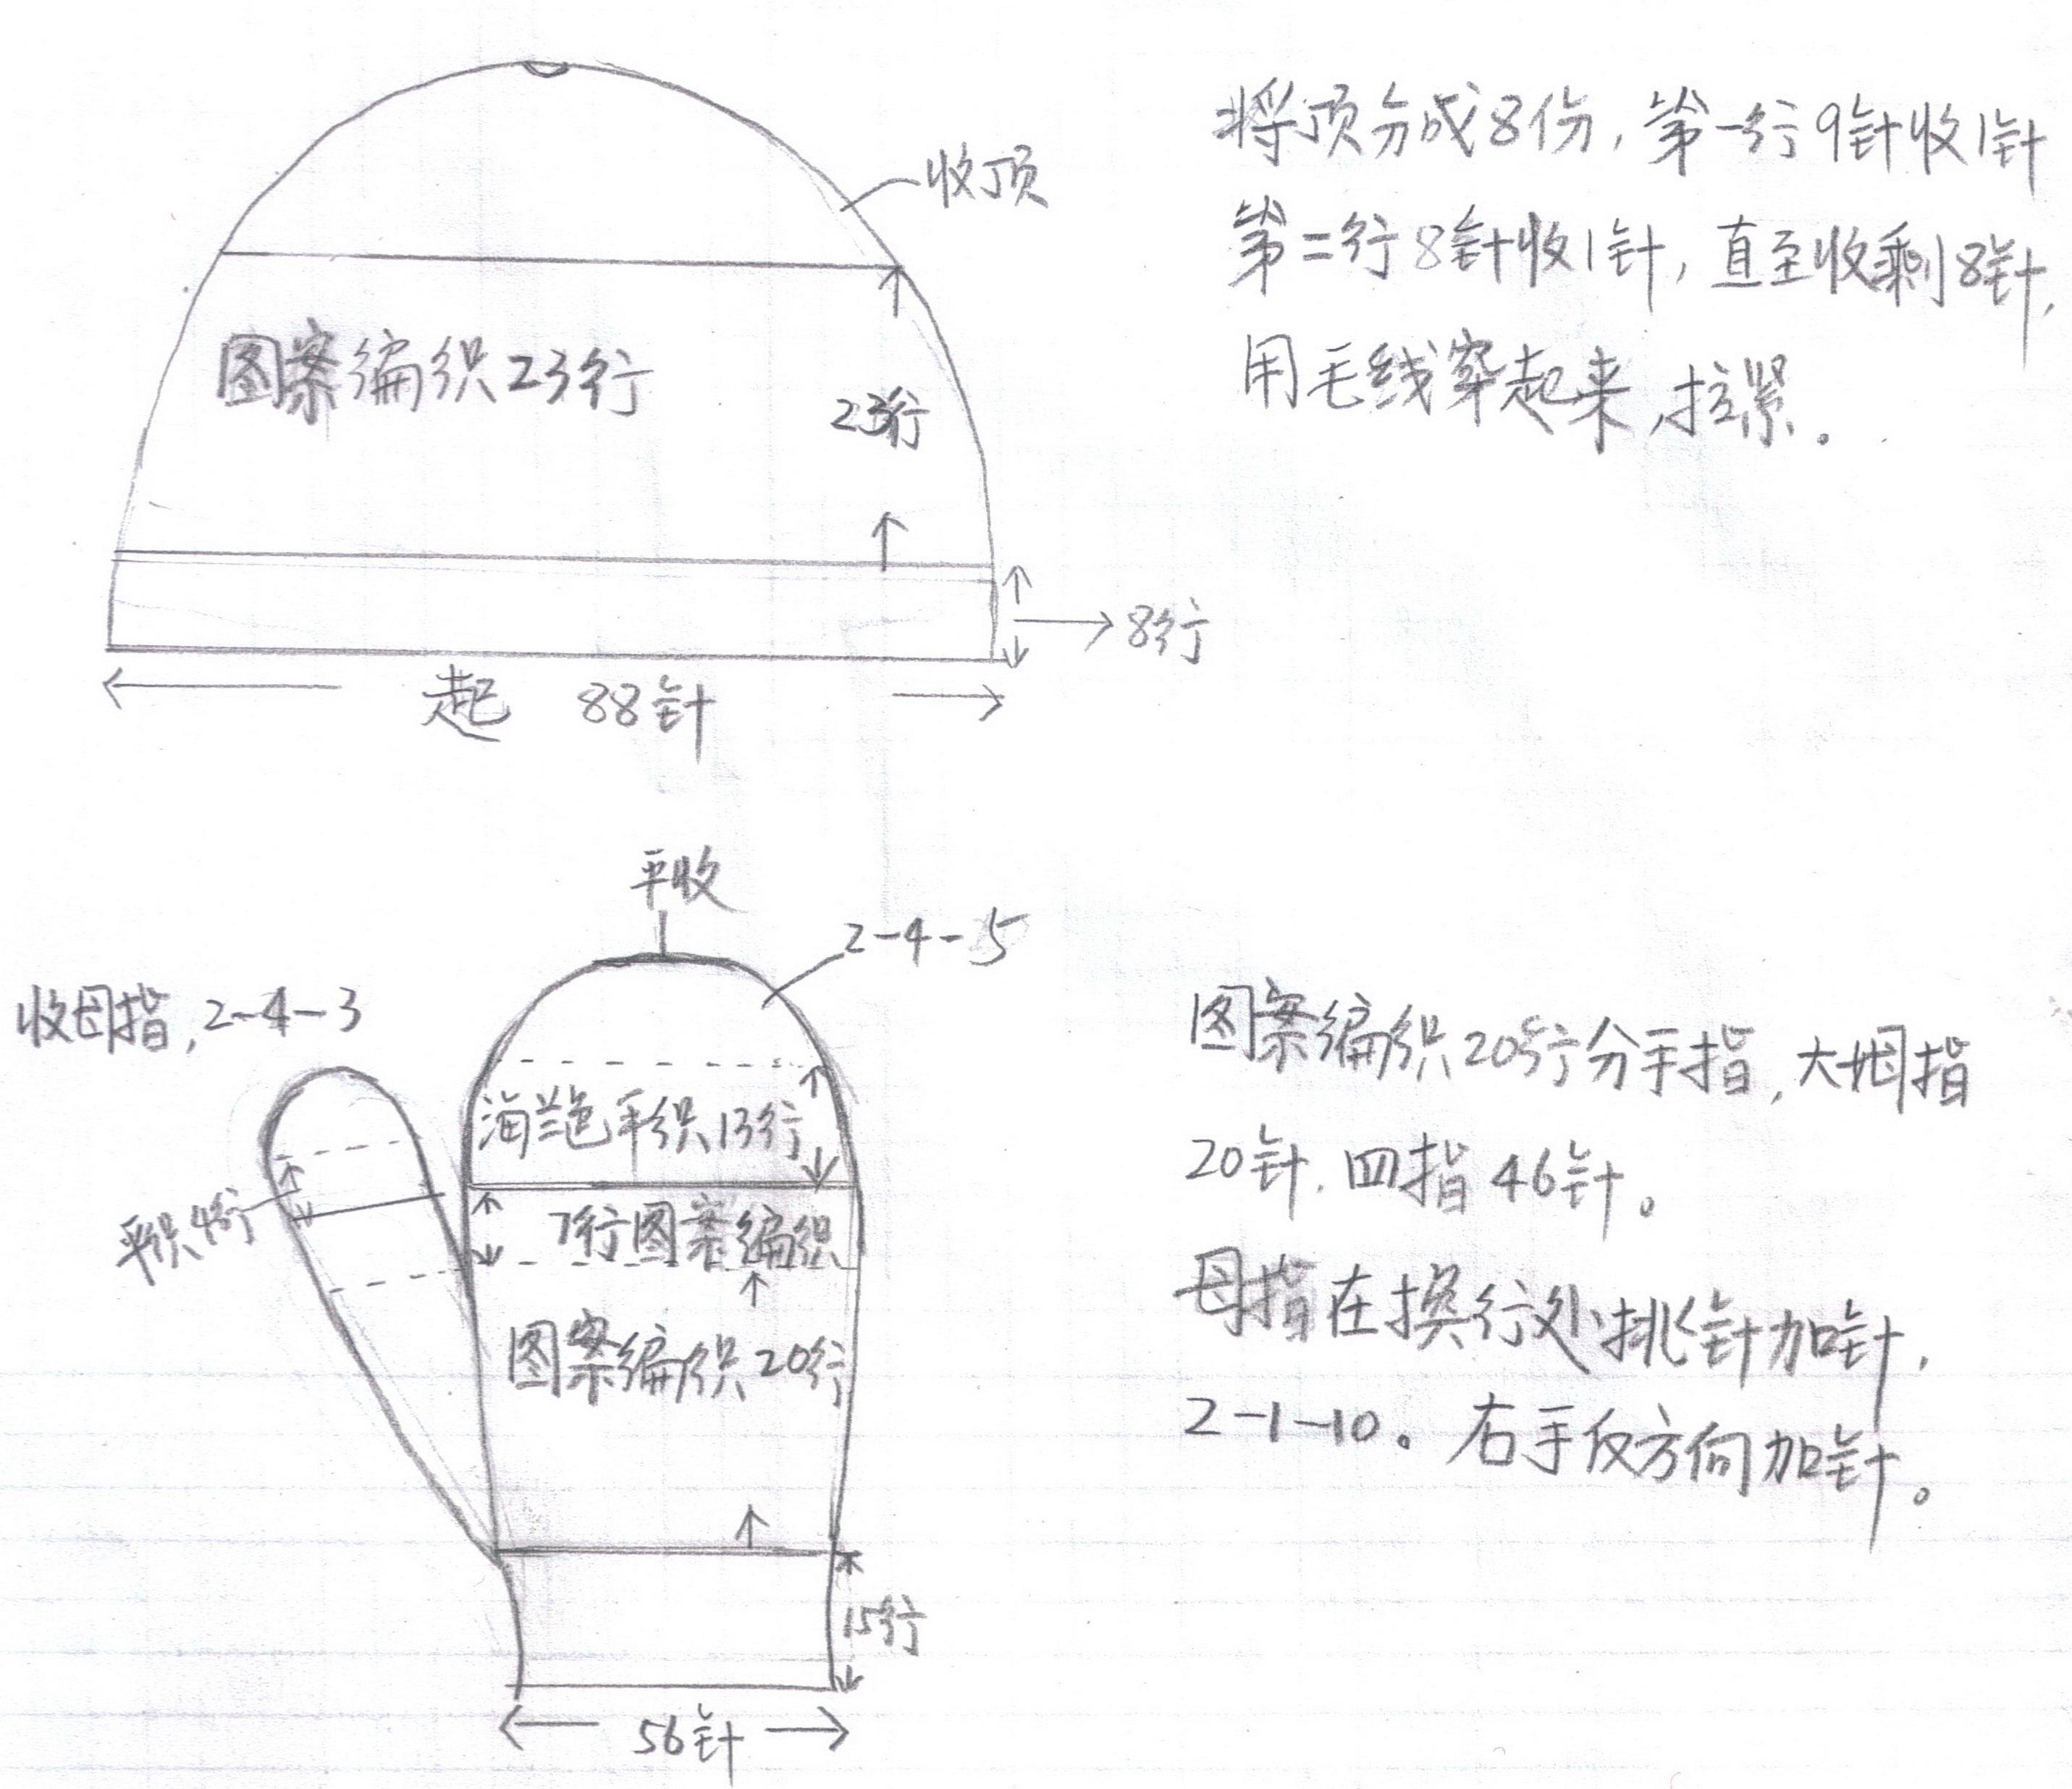 费尔岛编织图.jpg